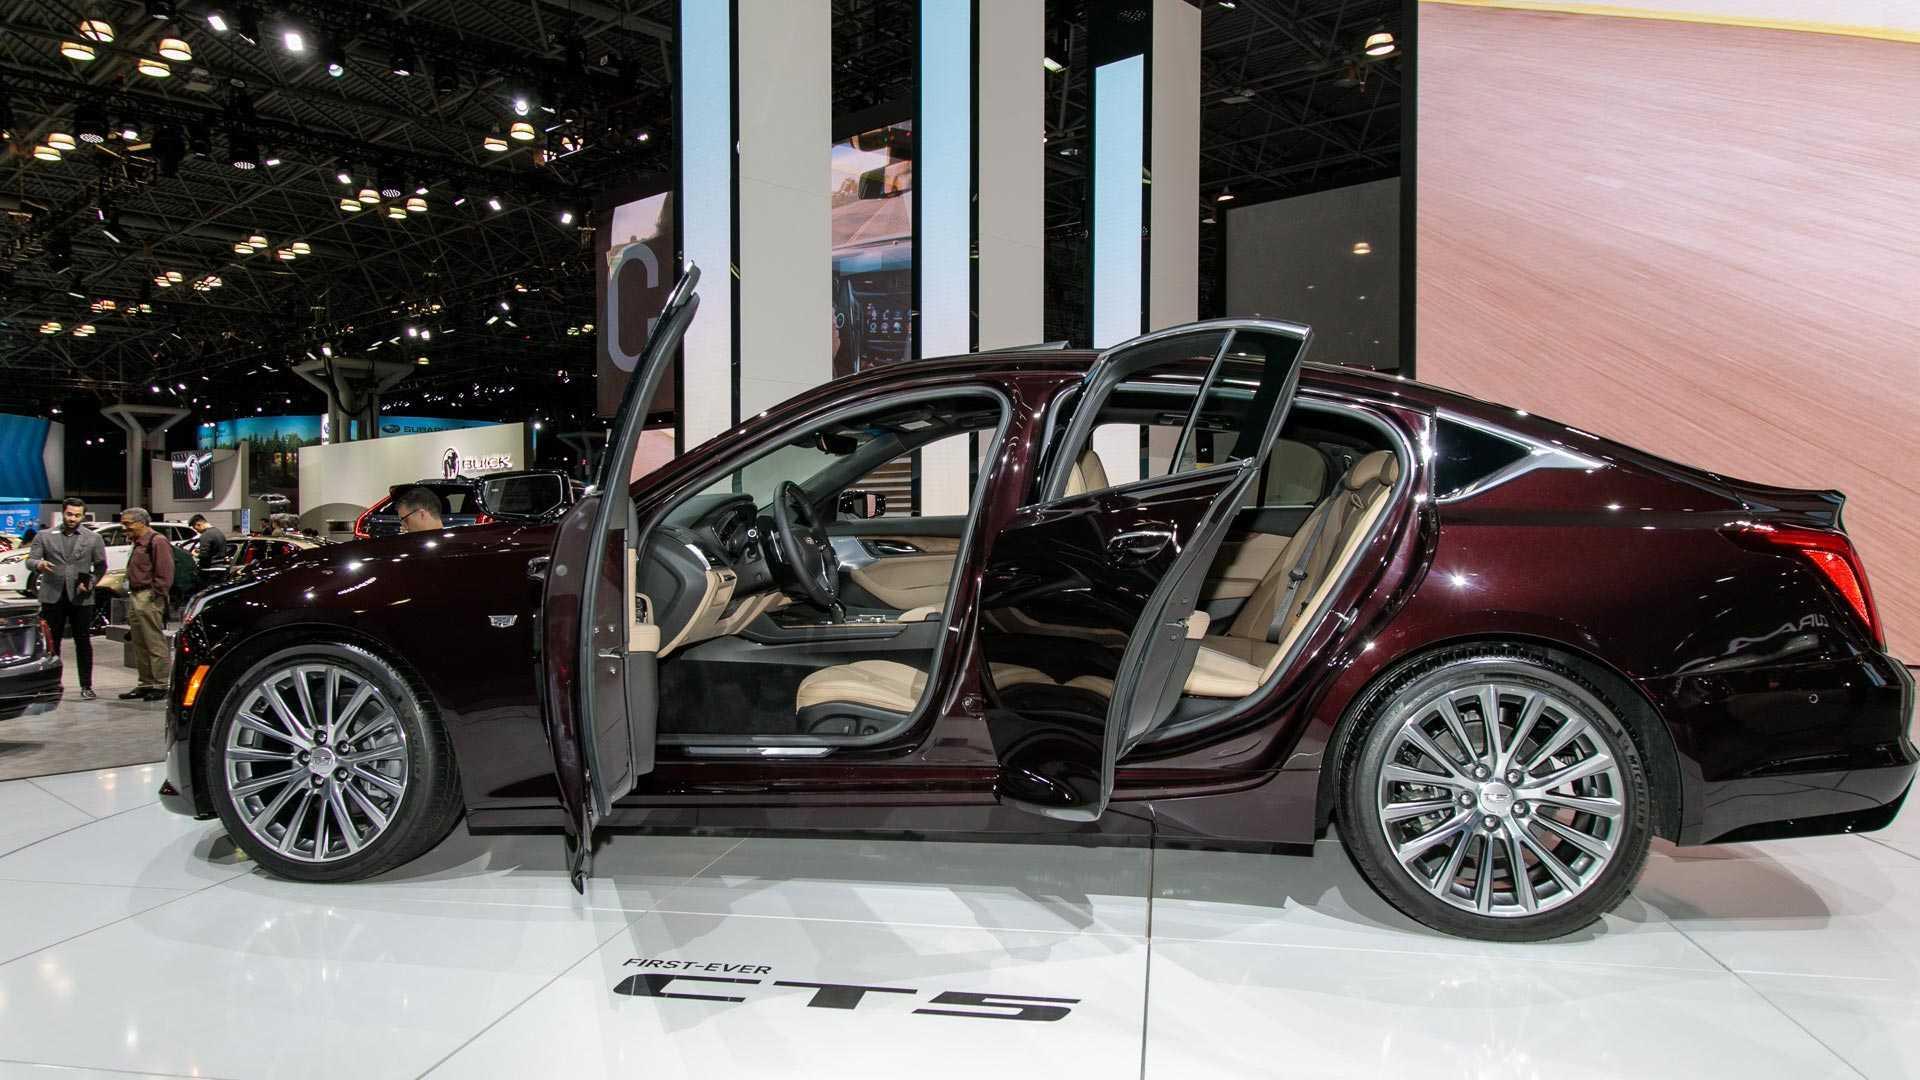 最便宜豪华家轿易主,4米9同级最宽,入门234马力,为何才卖28万